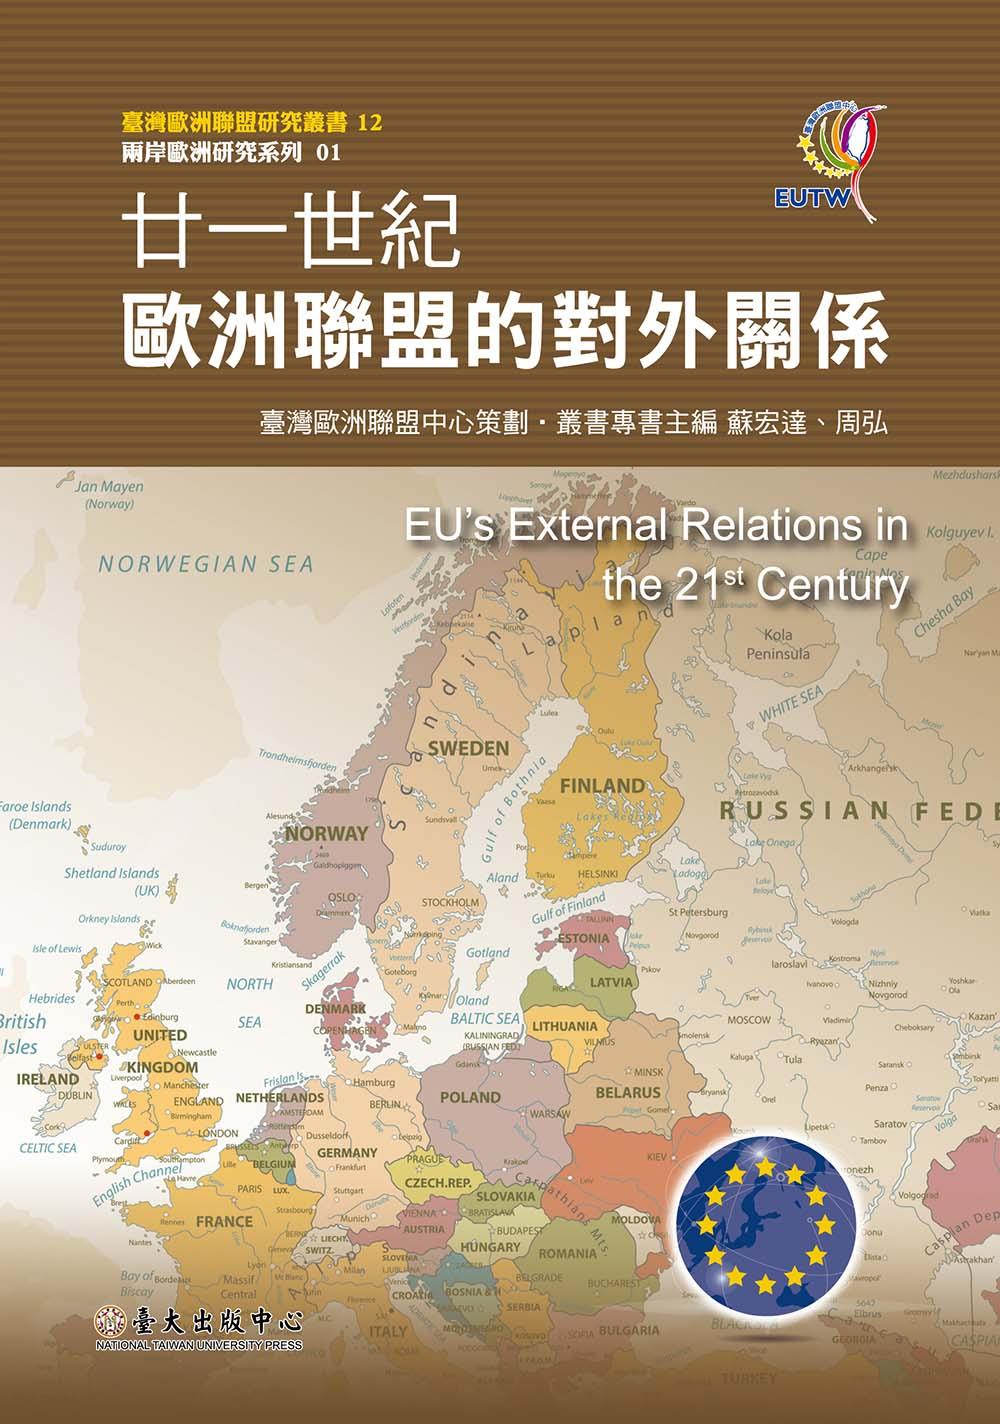 廿一世紀歐洲聯盟的對外關係